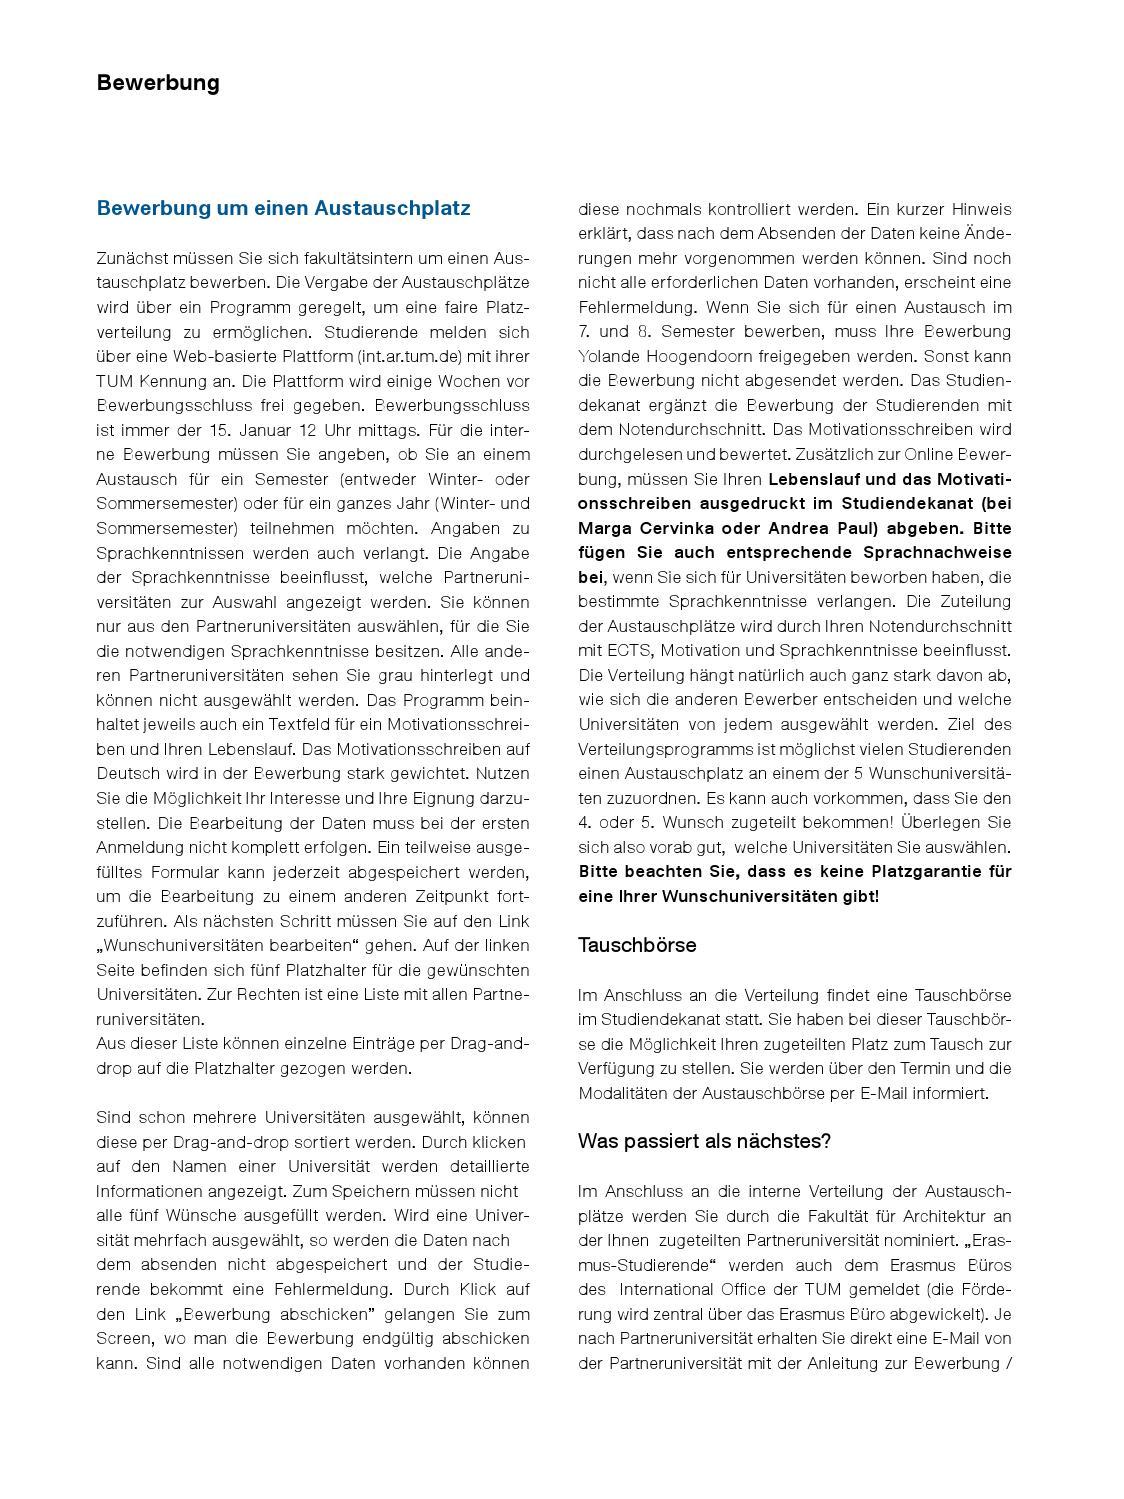 Motivationsschreiben Architektur 130919 auslandsstudium 2013 web by fakultät für architektur tu